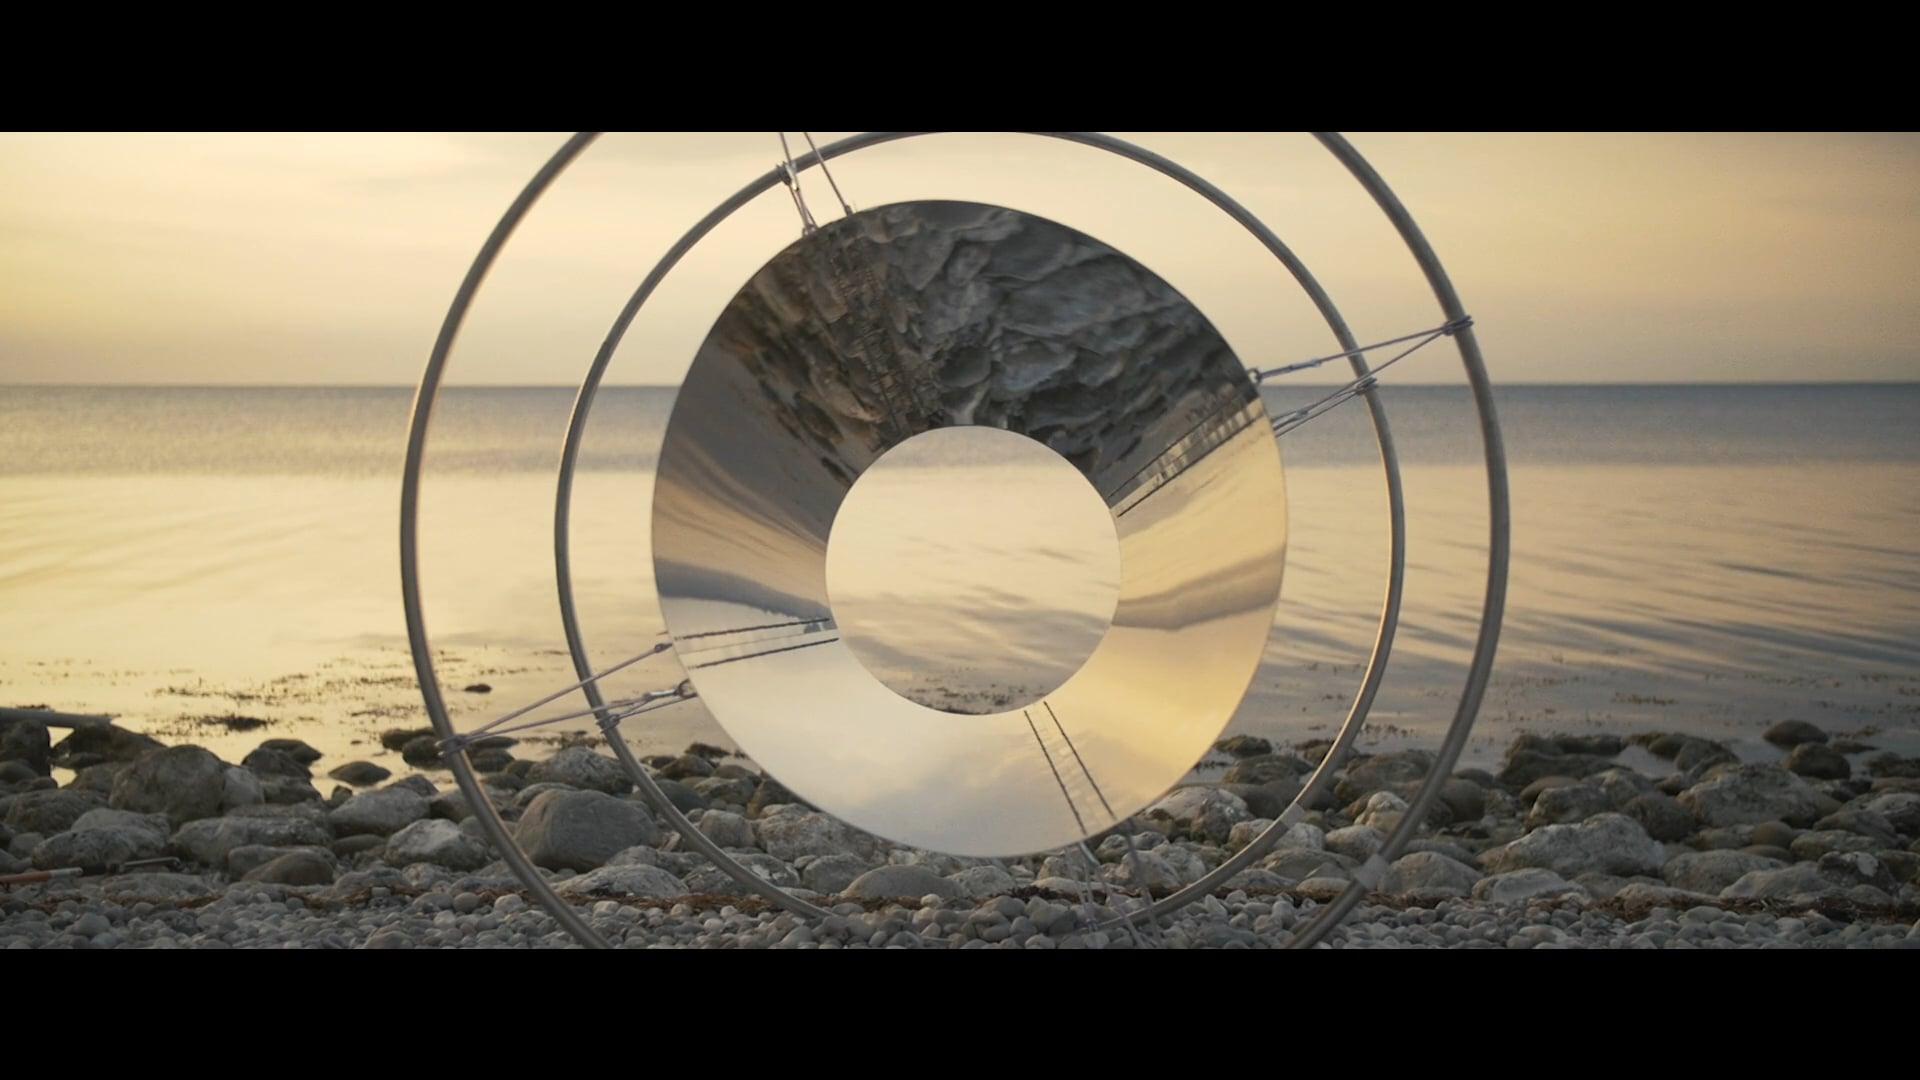 > V E R S T Ä R K E R < Part I : Nykobing, Denmark - Short Teaser